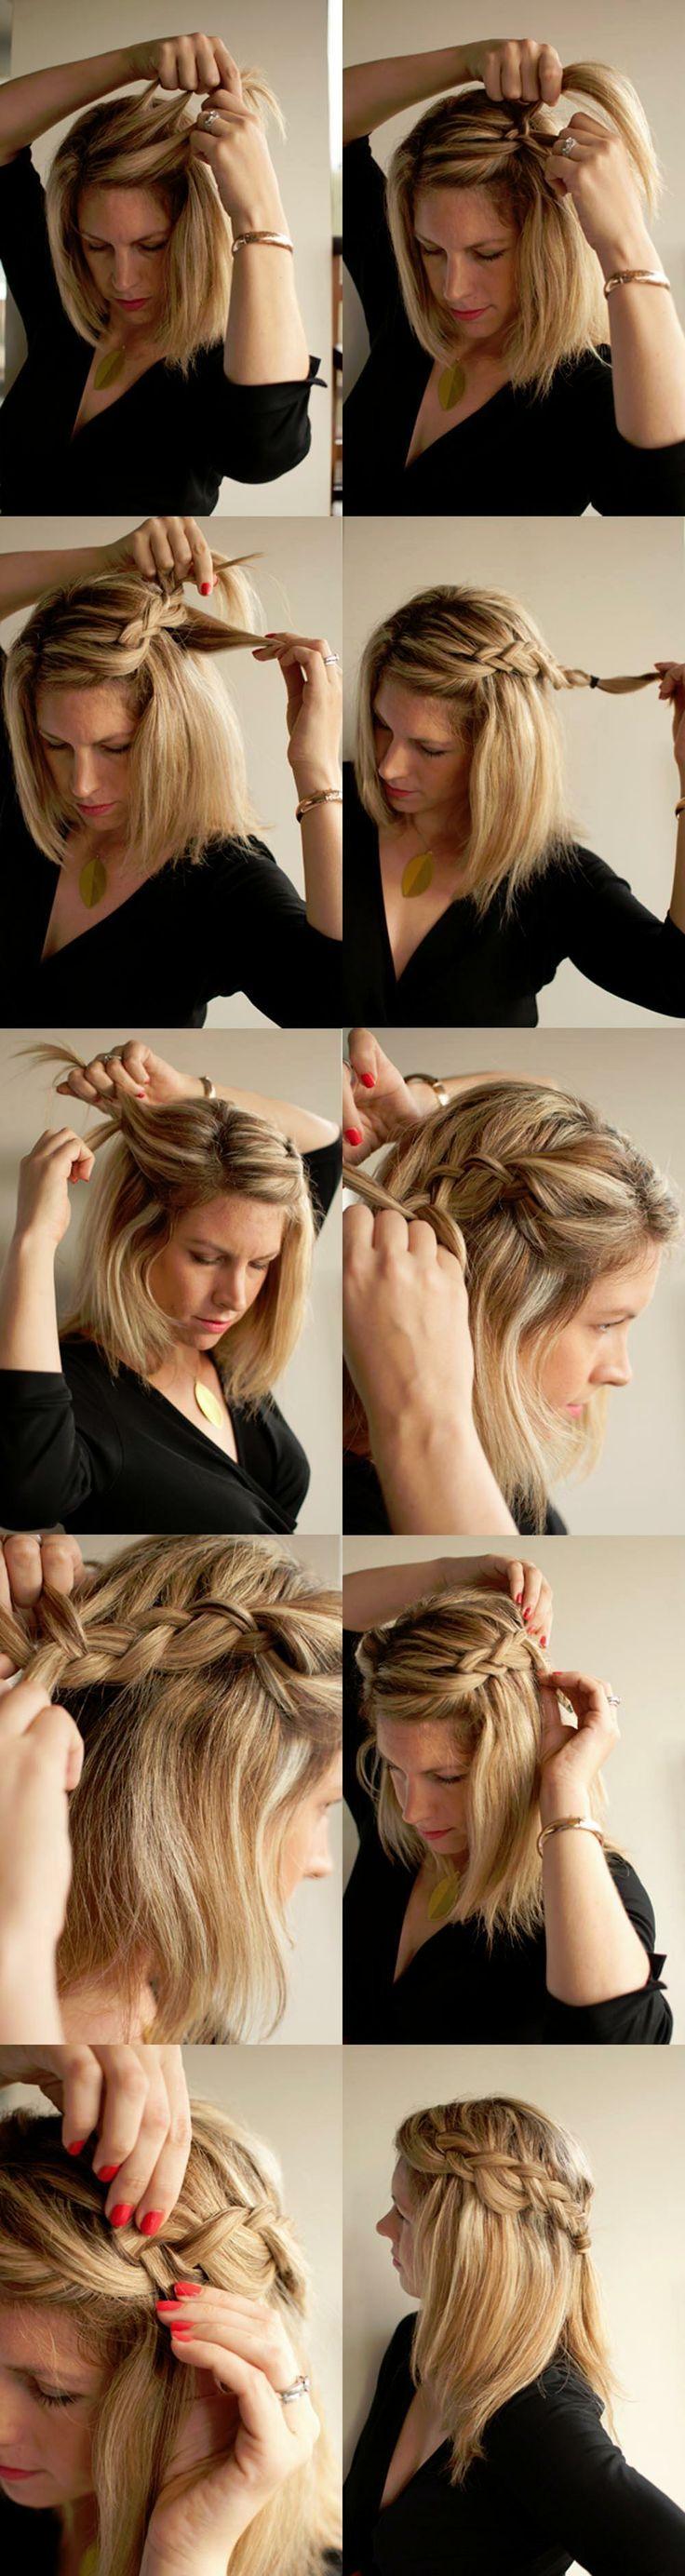 Tutoriel photo, tuto coiffure avec natte ou tresse cheveux longs, mi longs et courts, se coiffer avec tresse sur le côté derrière ou en chignon originale.